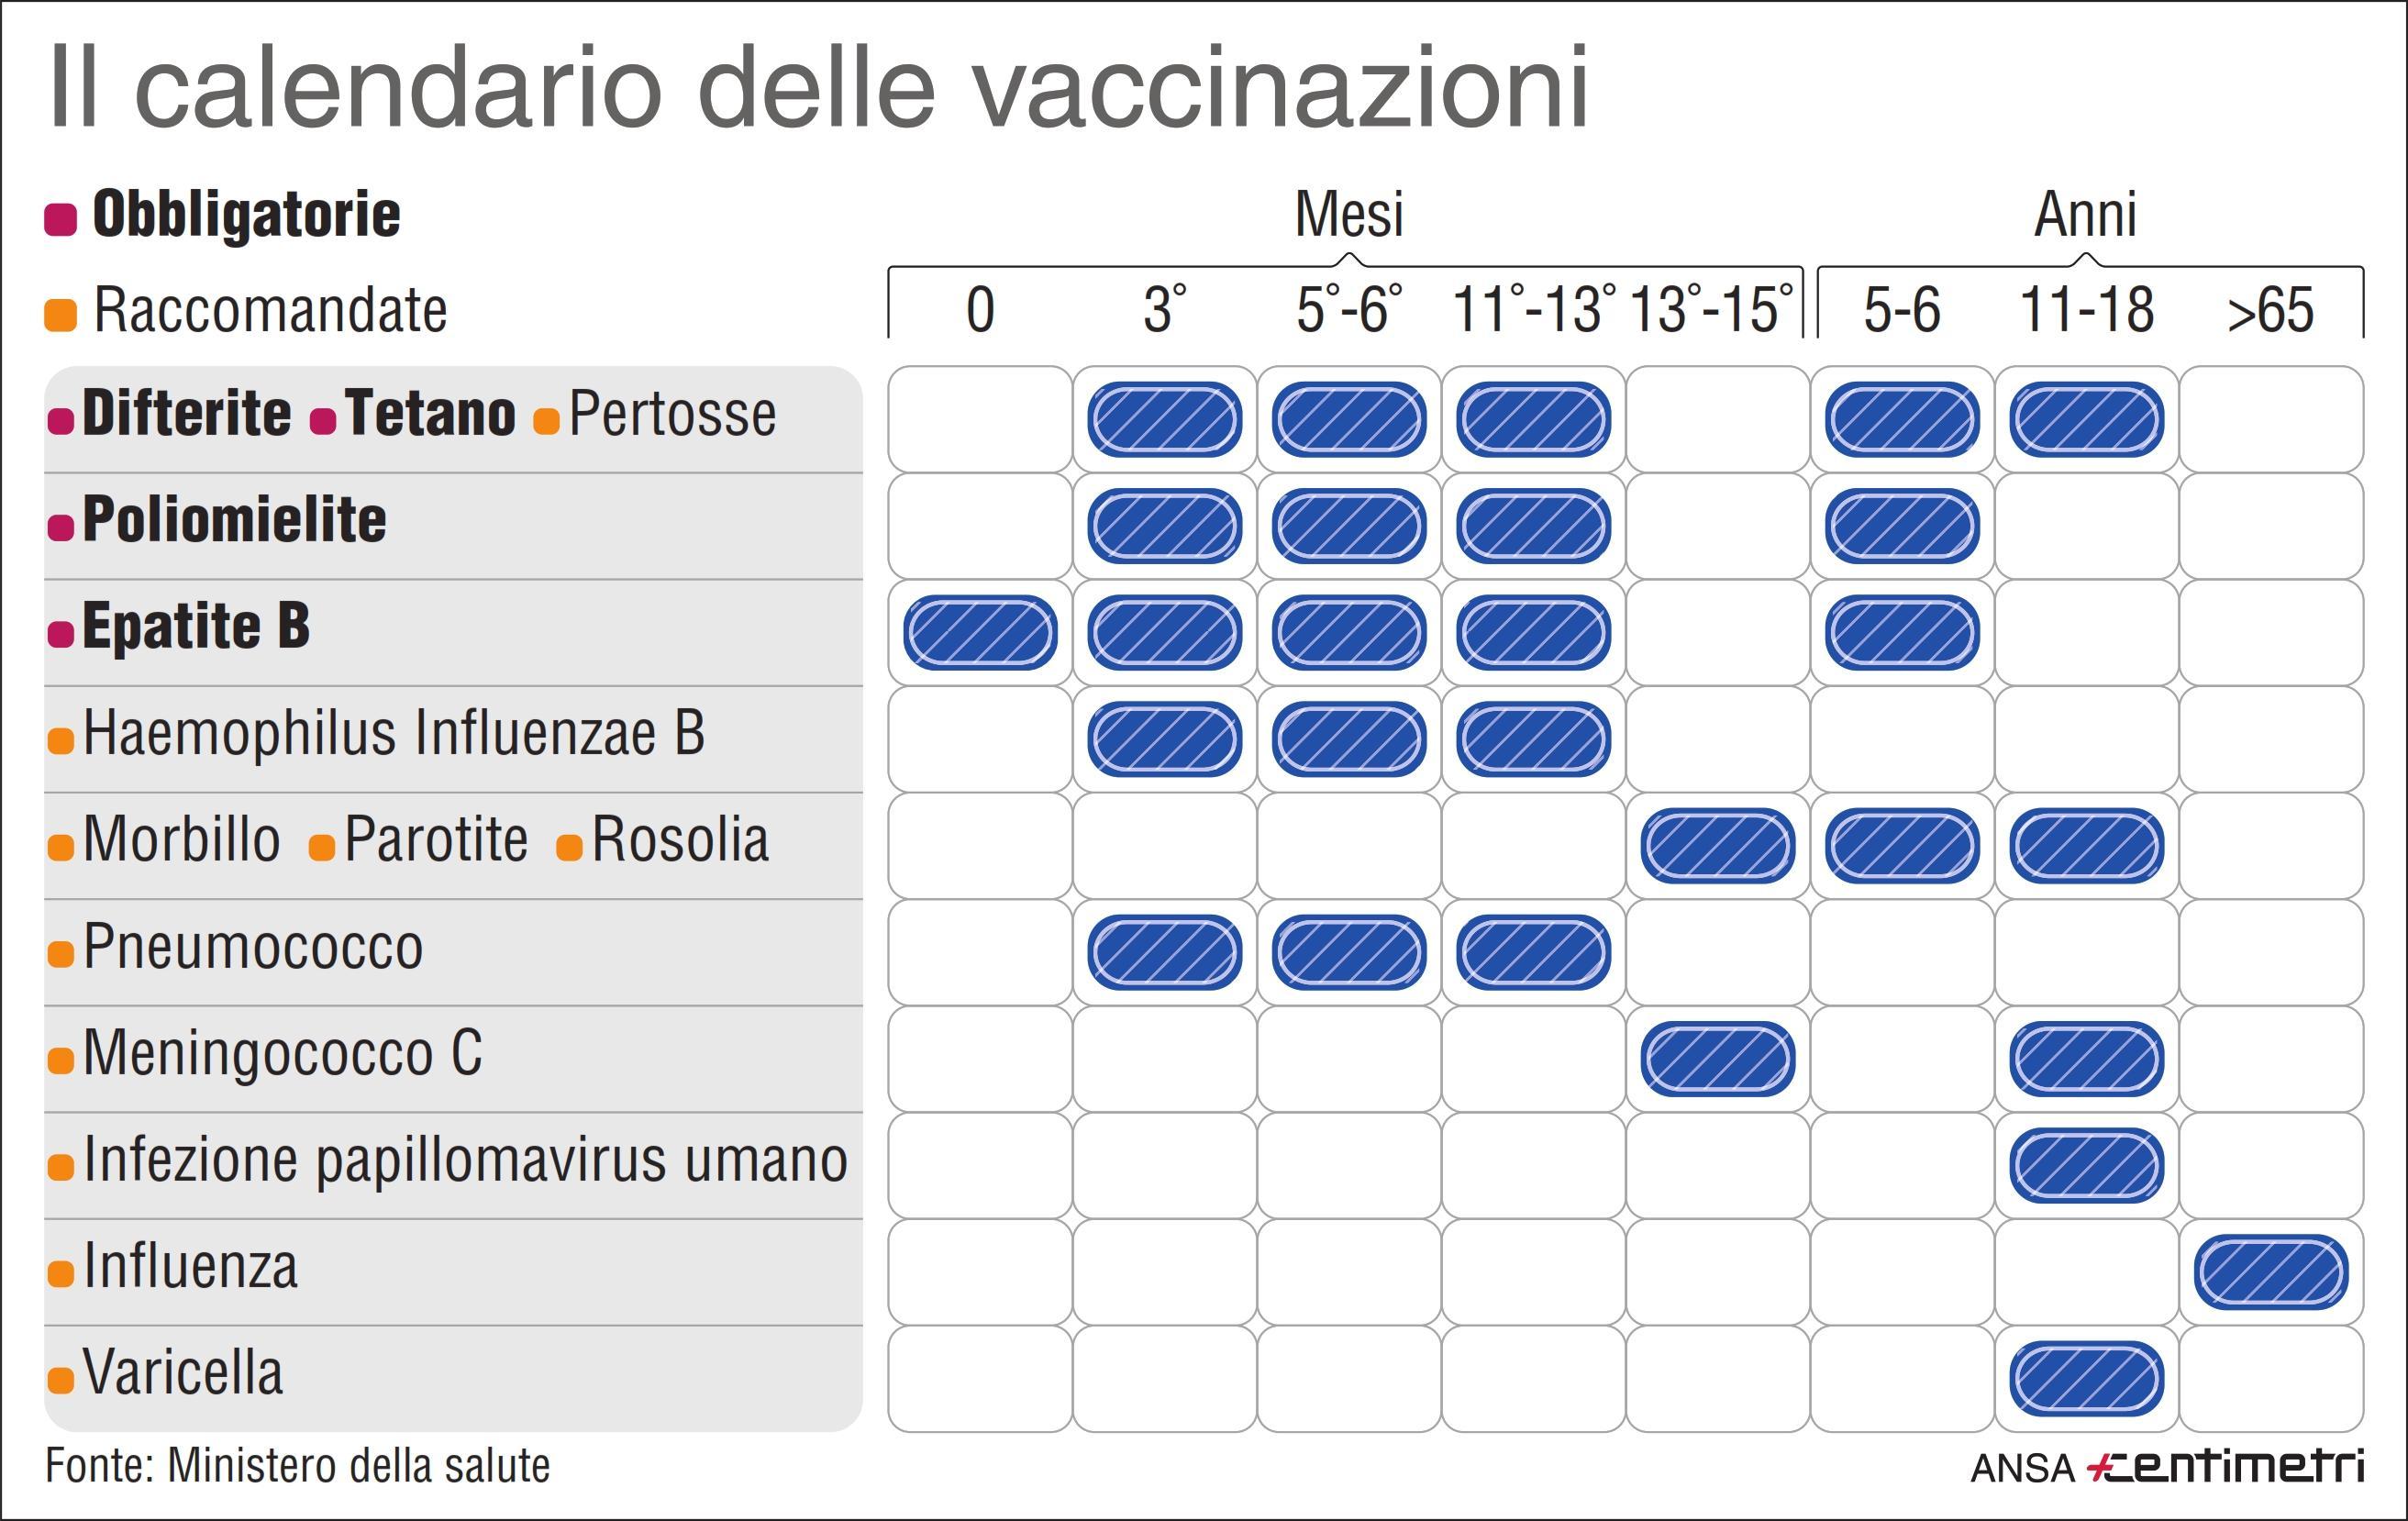 Calendario Delle Vaccinazioni.Il Calendario Delle Vaccinazioni Obbligatorie E Raccomandate